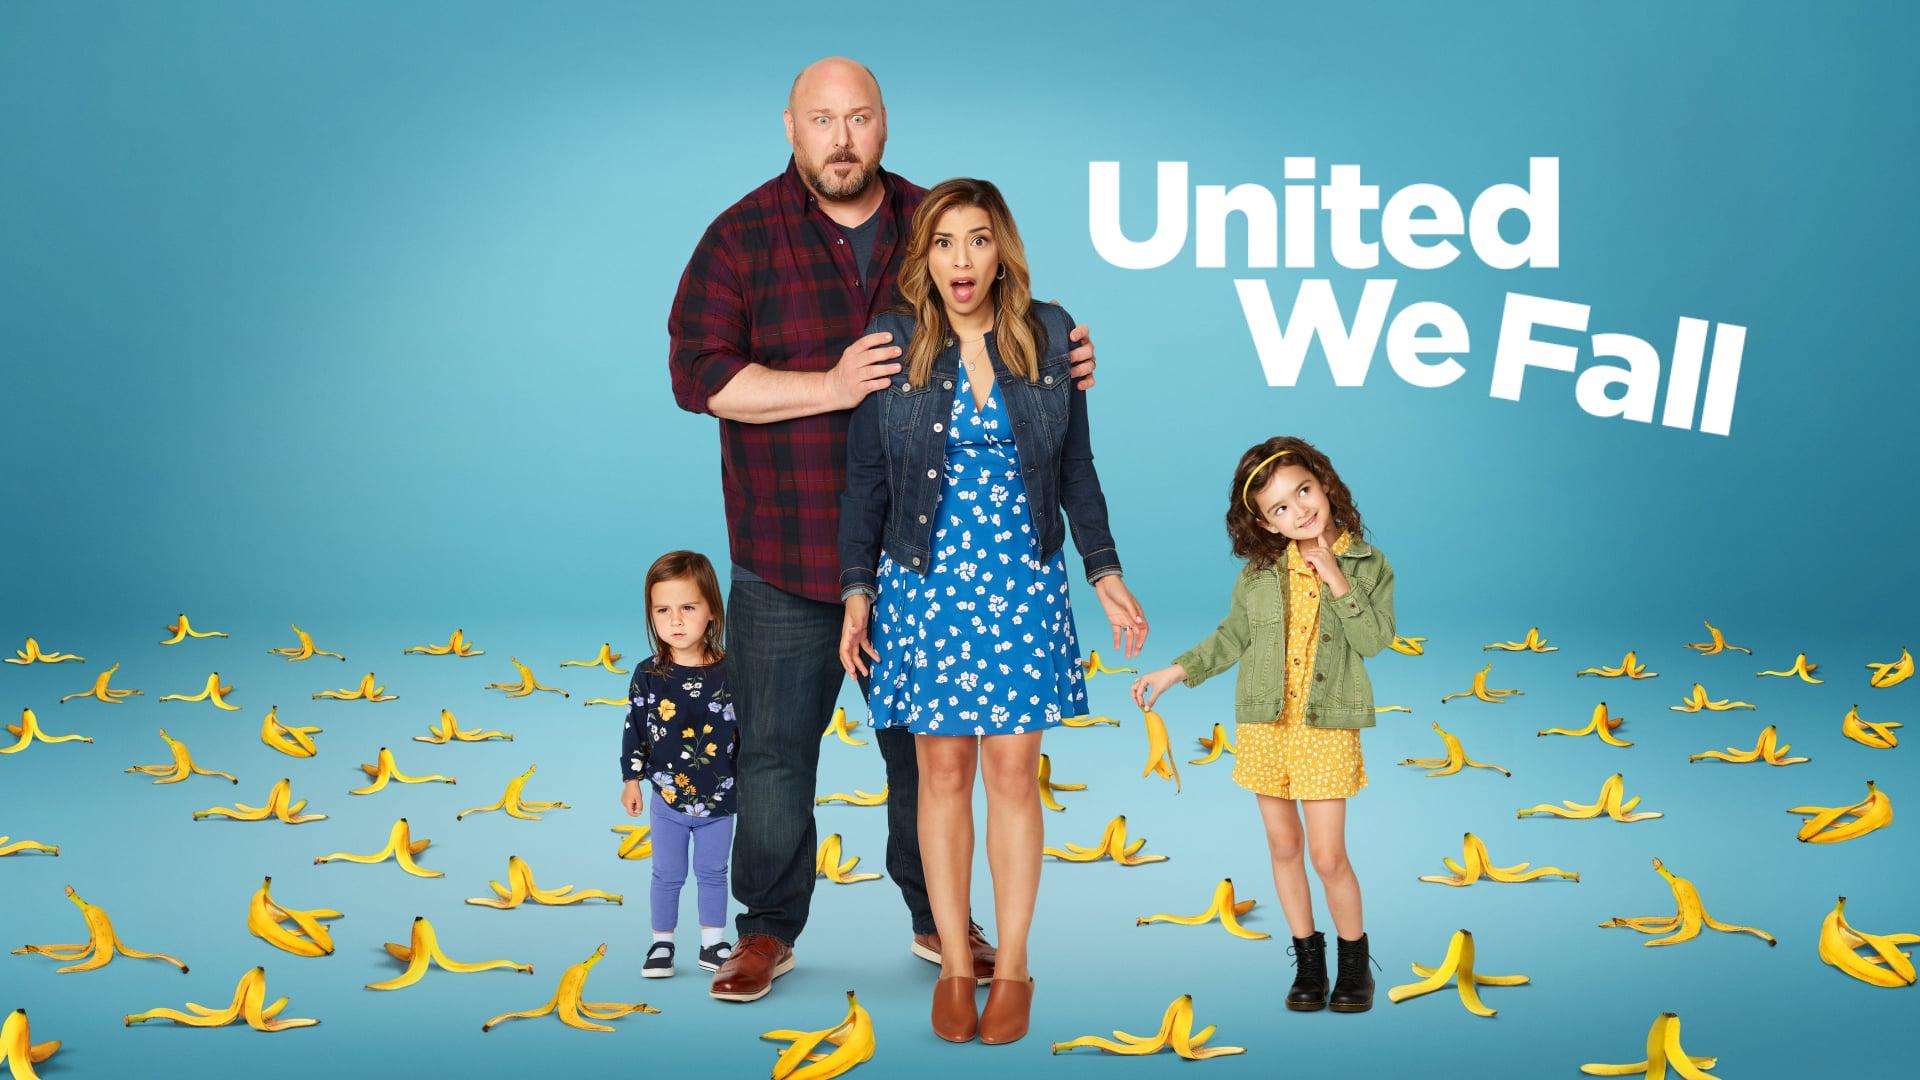 United We Fall update